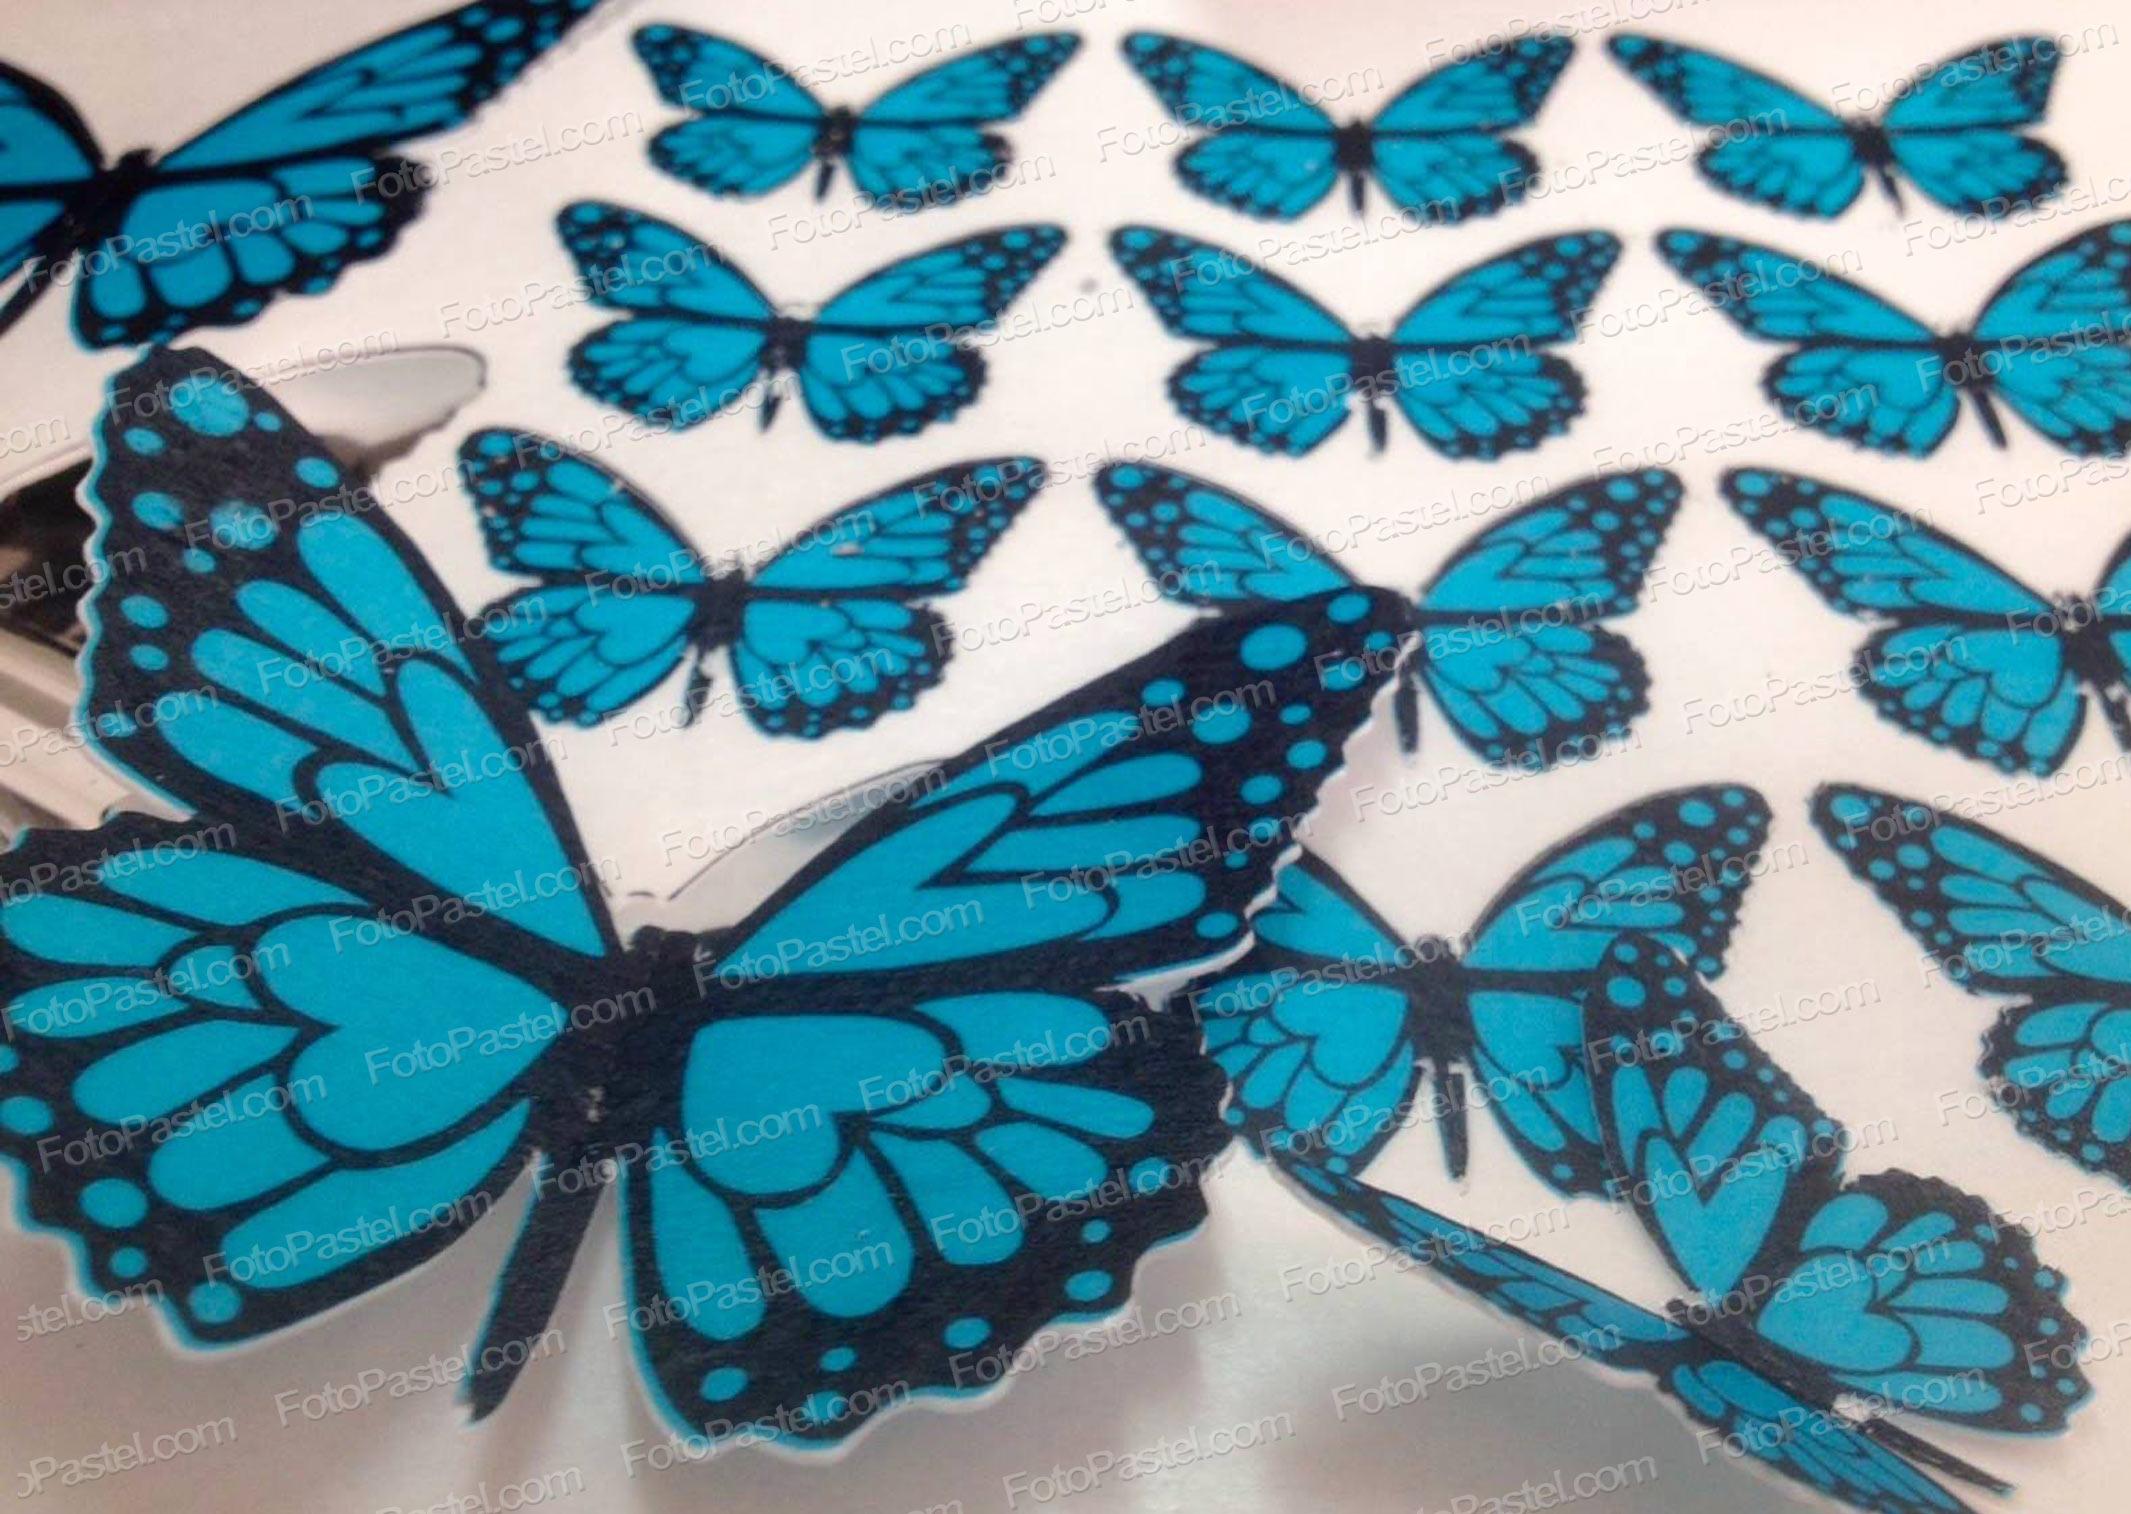 Mariposas en papel de arroz precortado fpdpm11a - Mariposas para decorar ...